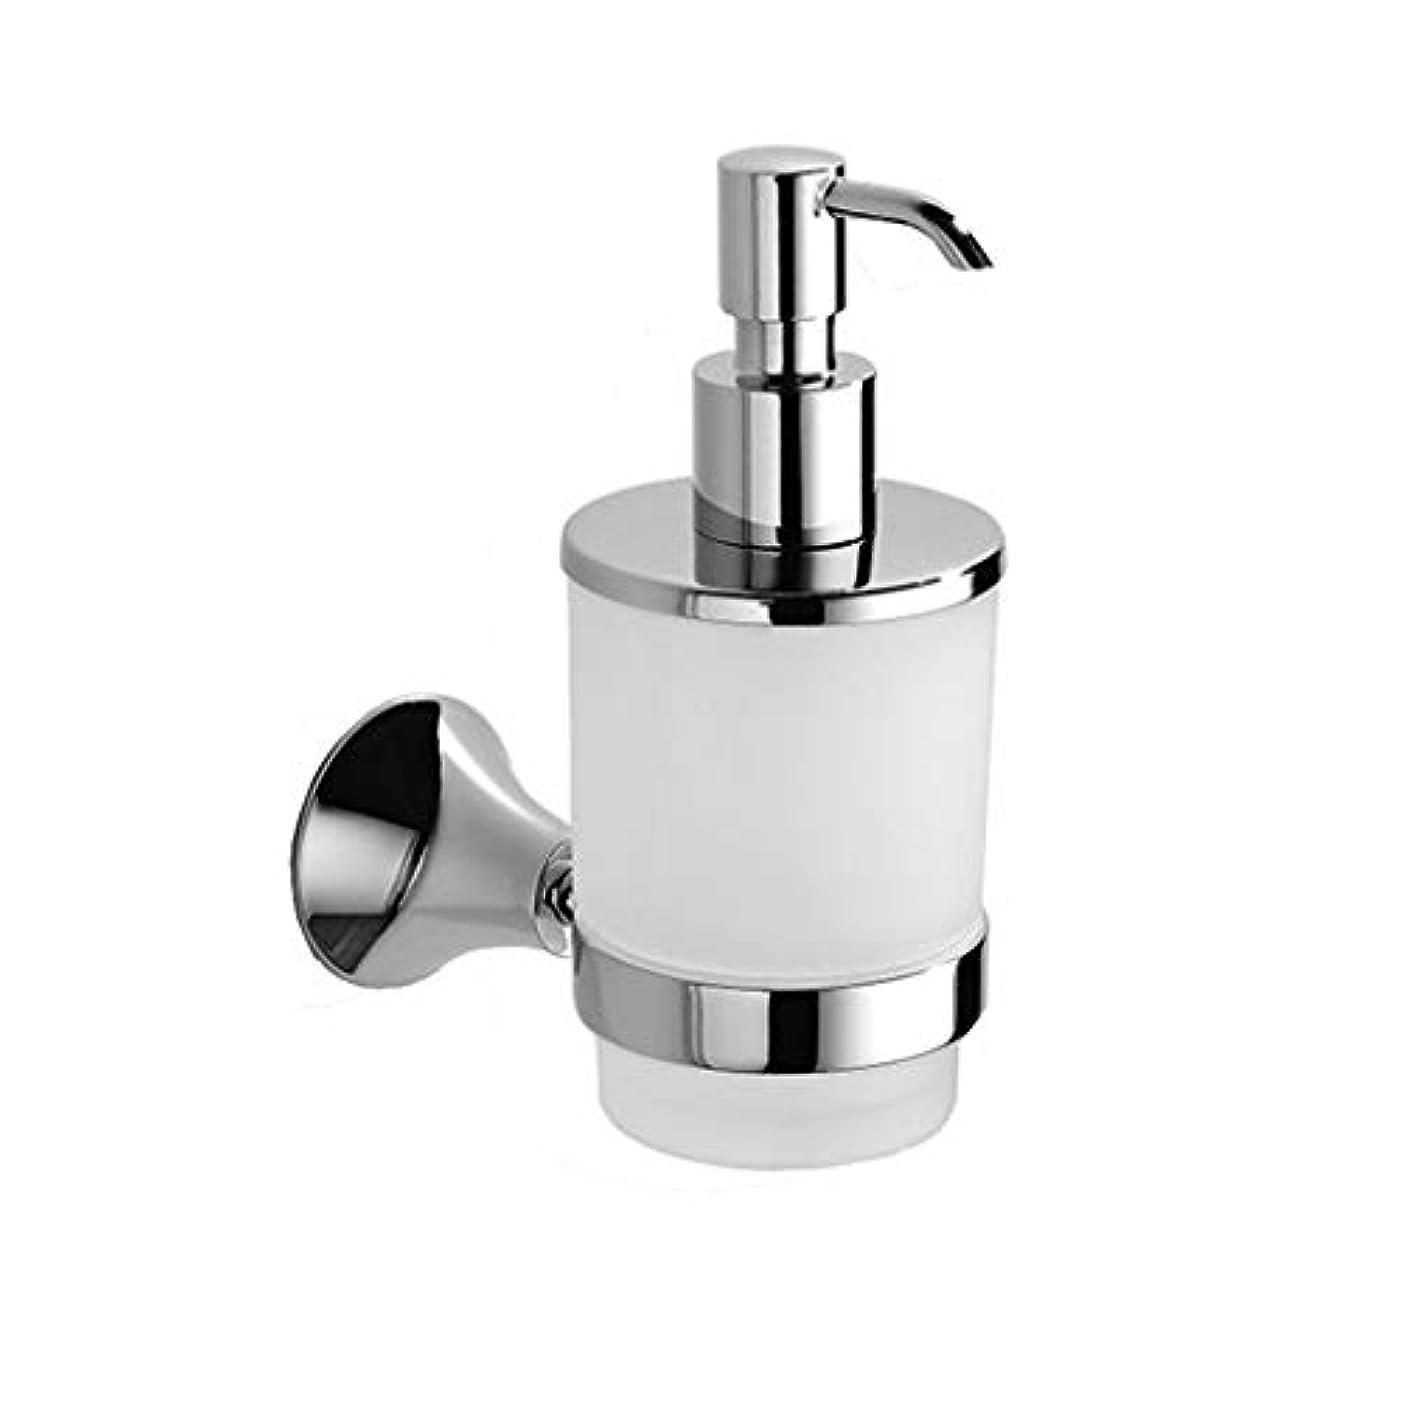 出費プロフェッショナルスロベニアKylinssh 台所の流し、ステンレス鋼、商業用等級の液体皿ディスペンサーポンプのための石鹸ディスペンサー、設計300mlで造られて